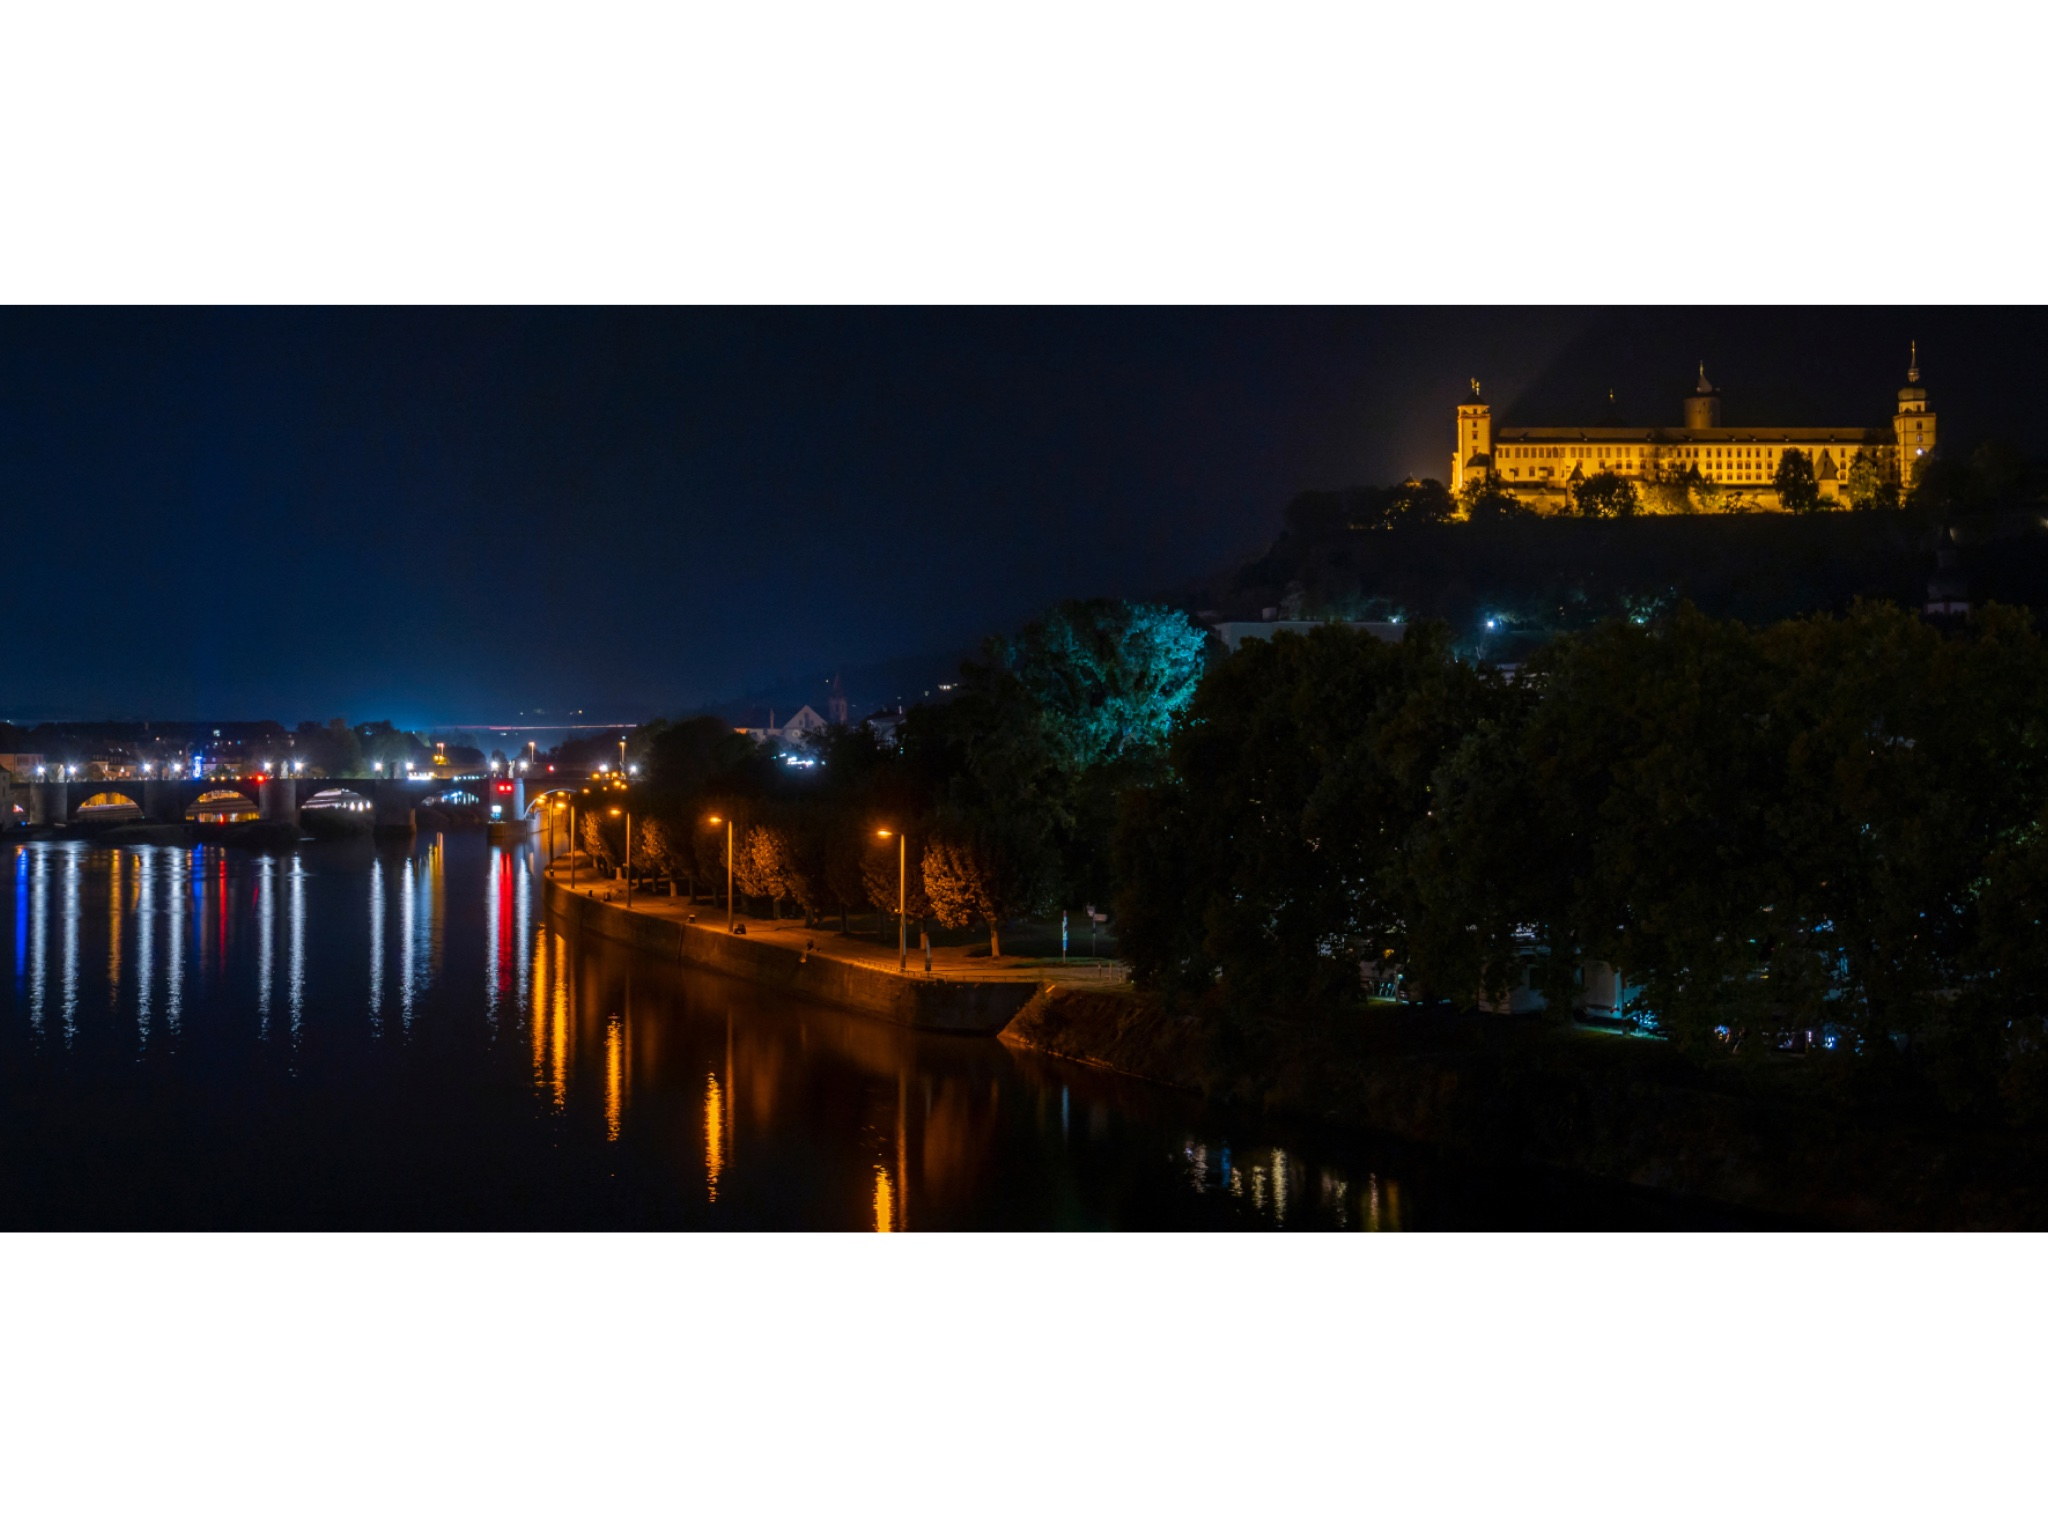 """""""Wir zählen Lichter, weil die Nacht zählt"""": Unter diesem Motto will ein Projekt der Bürgerwissenschaft Art und Ausmaß der Lichtquellen in zwei Würzburger Stadtteilen ergründen. Foto: Jan Weichhold / Universität Würzburg"""